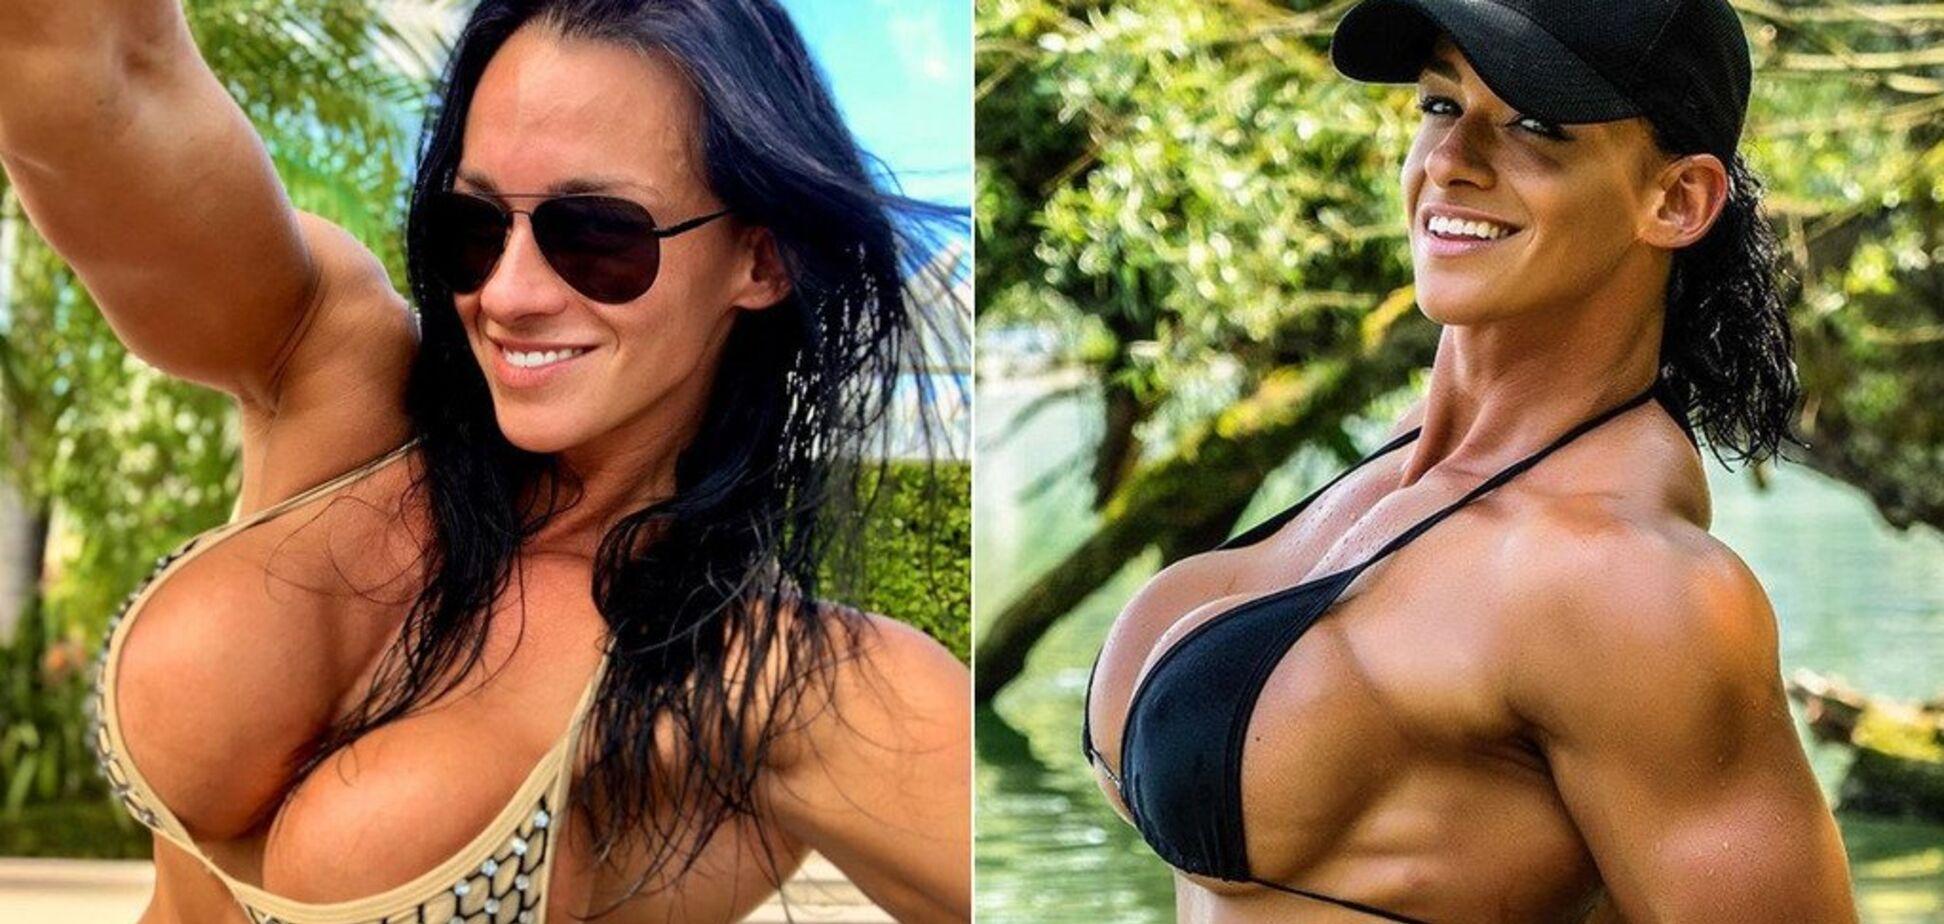 Огромная грудь известной спортсменки 'выпала' на пляже из купальника